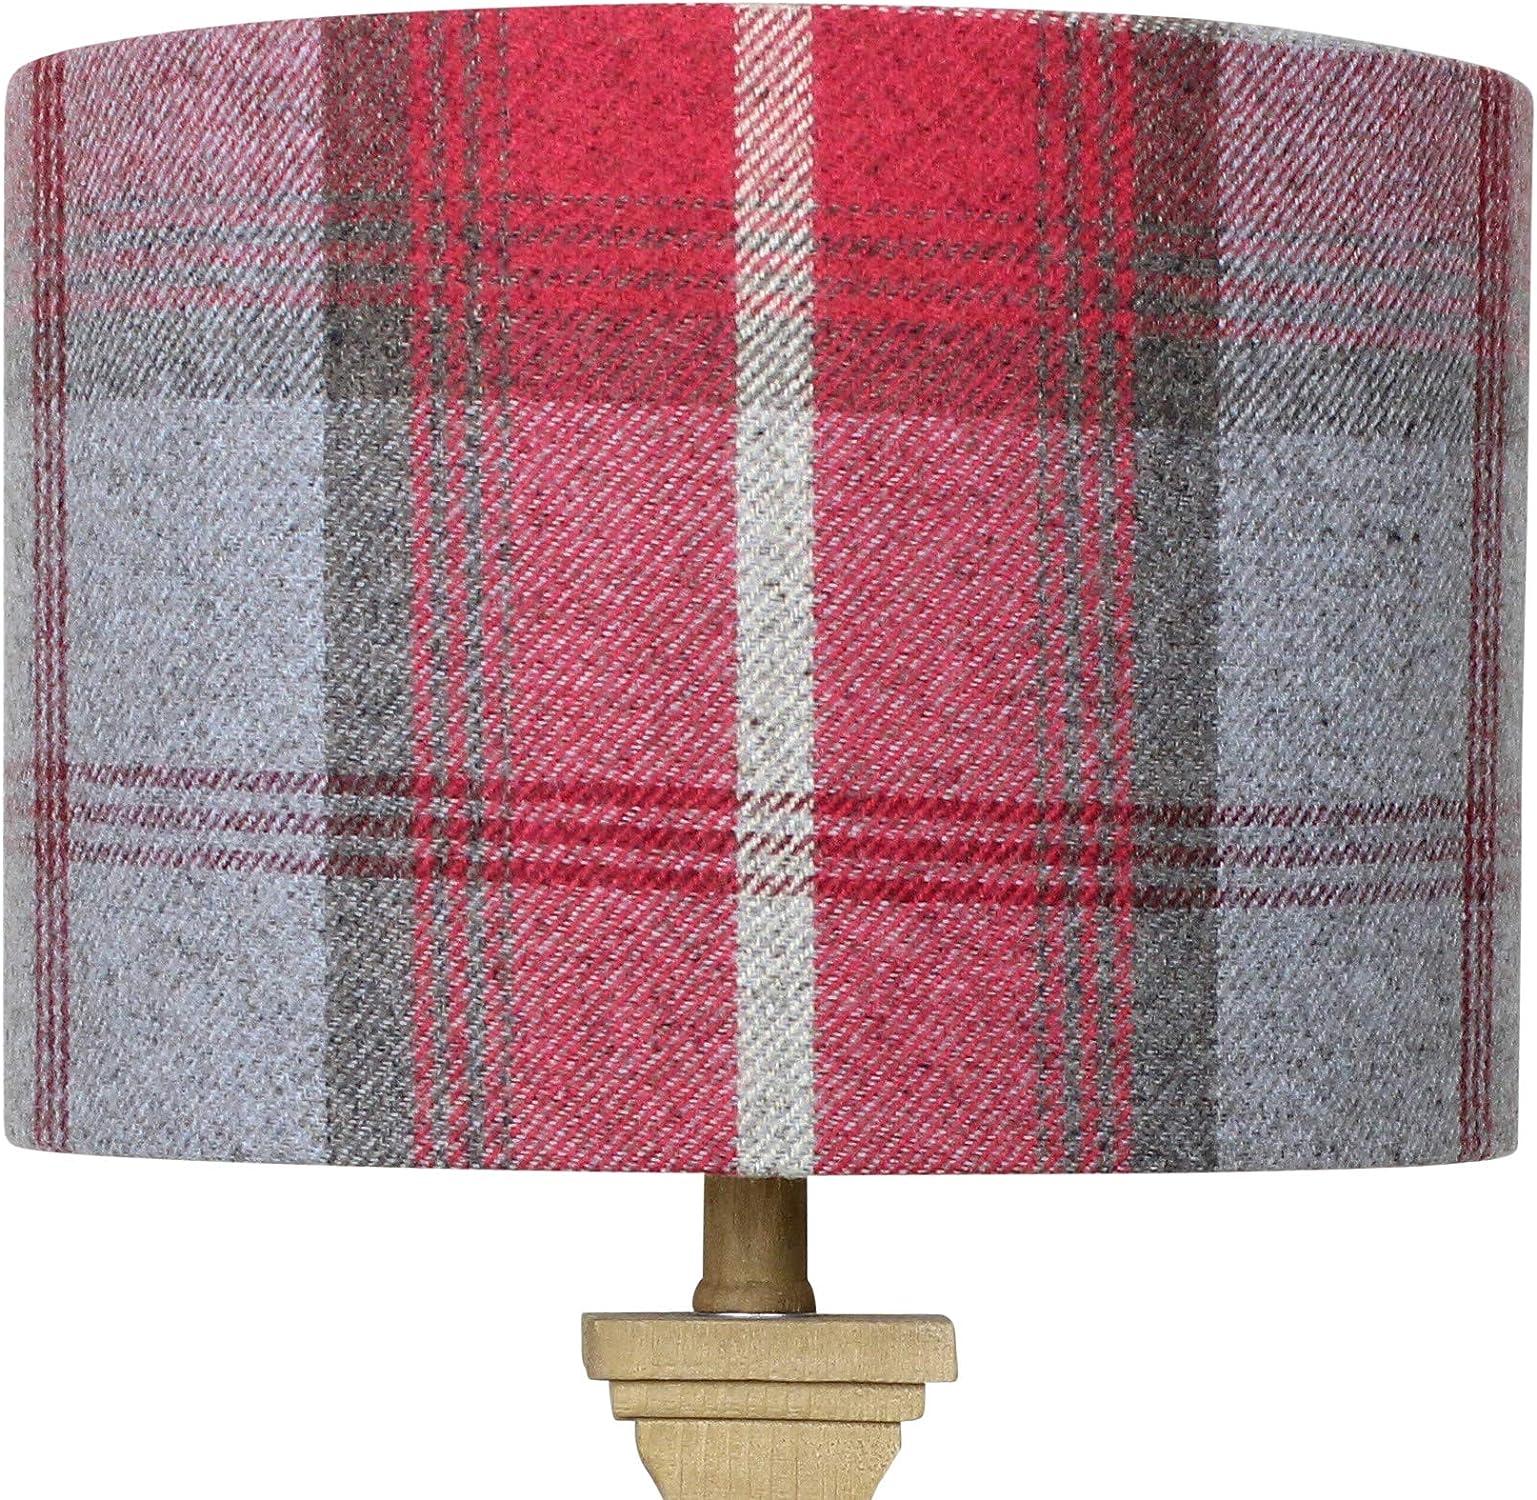 productos creativos Cherry Balmoral Check - Pantalla para para para lámpara, multiColor, 40 cm Diameter x 25 cm High Table Standard Lamp  apresurado a ver